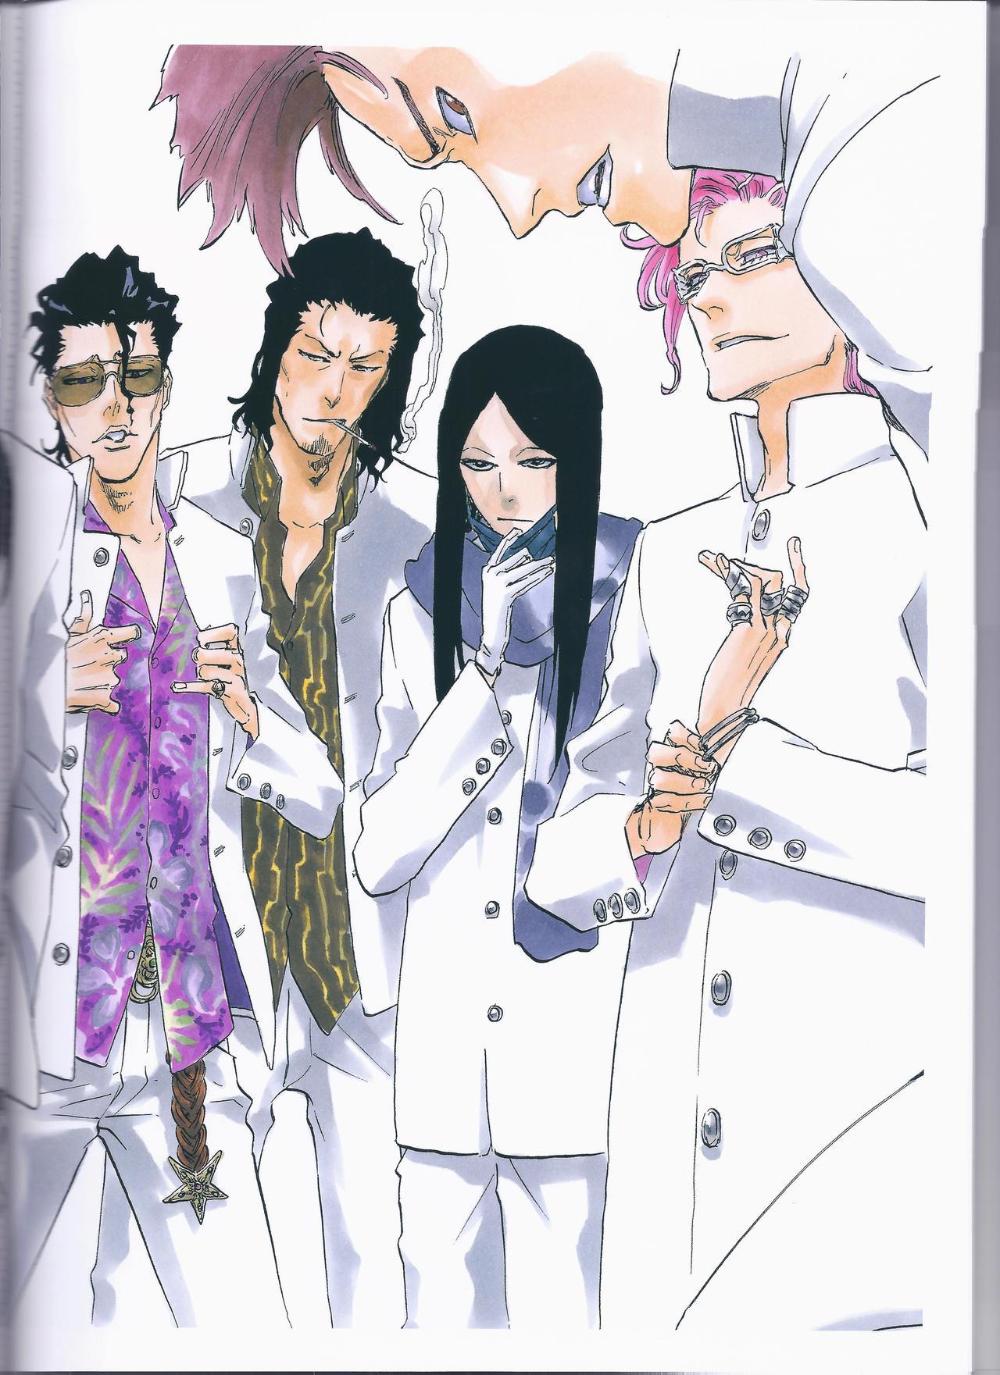 Ichigo Bankai Coloring Pages Ichigo Bankai Coloring Pages Anime Drawings [ 1300 x 1800 Pixel ]